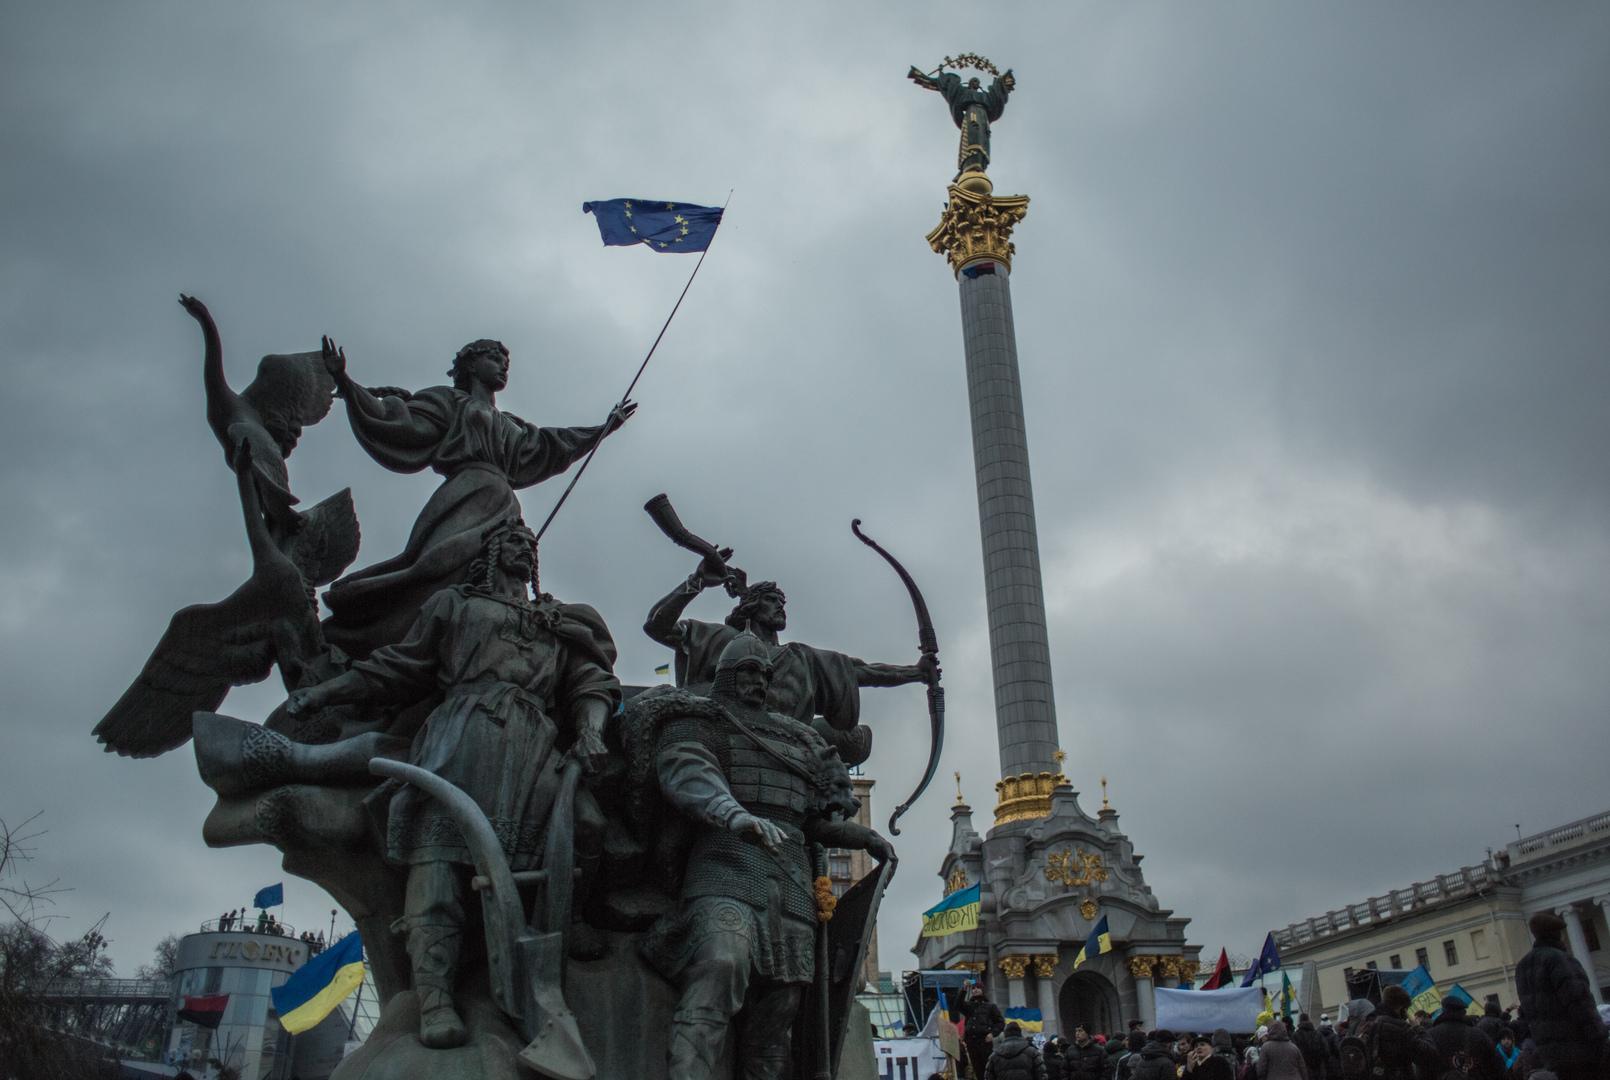 فرنسا ترفض احتمال انضمام أوكرانيا إلى الاتحاد الأوروبي